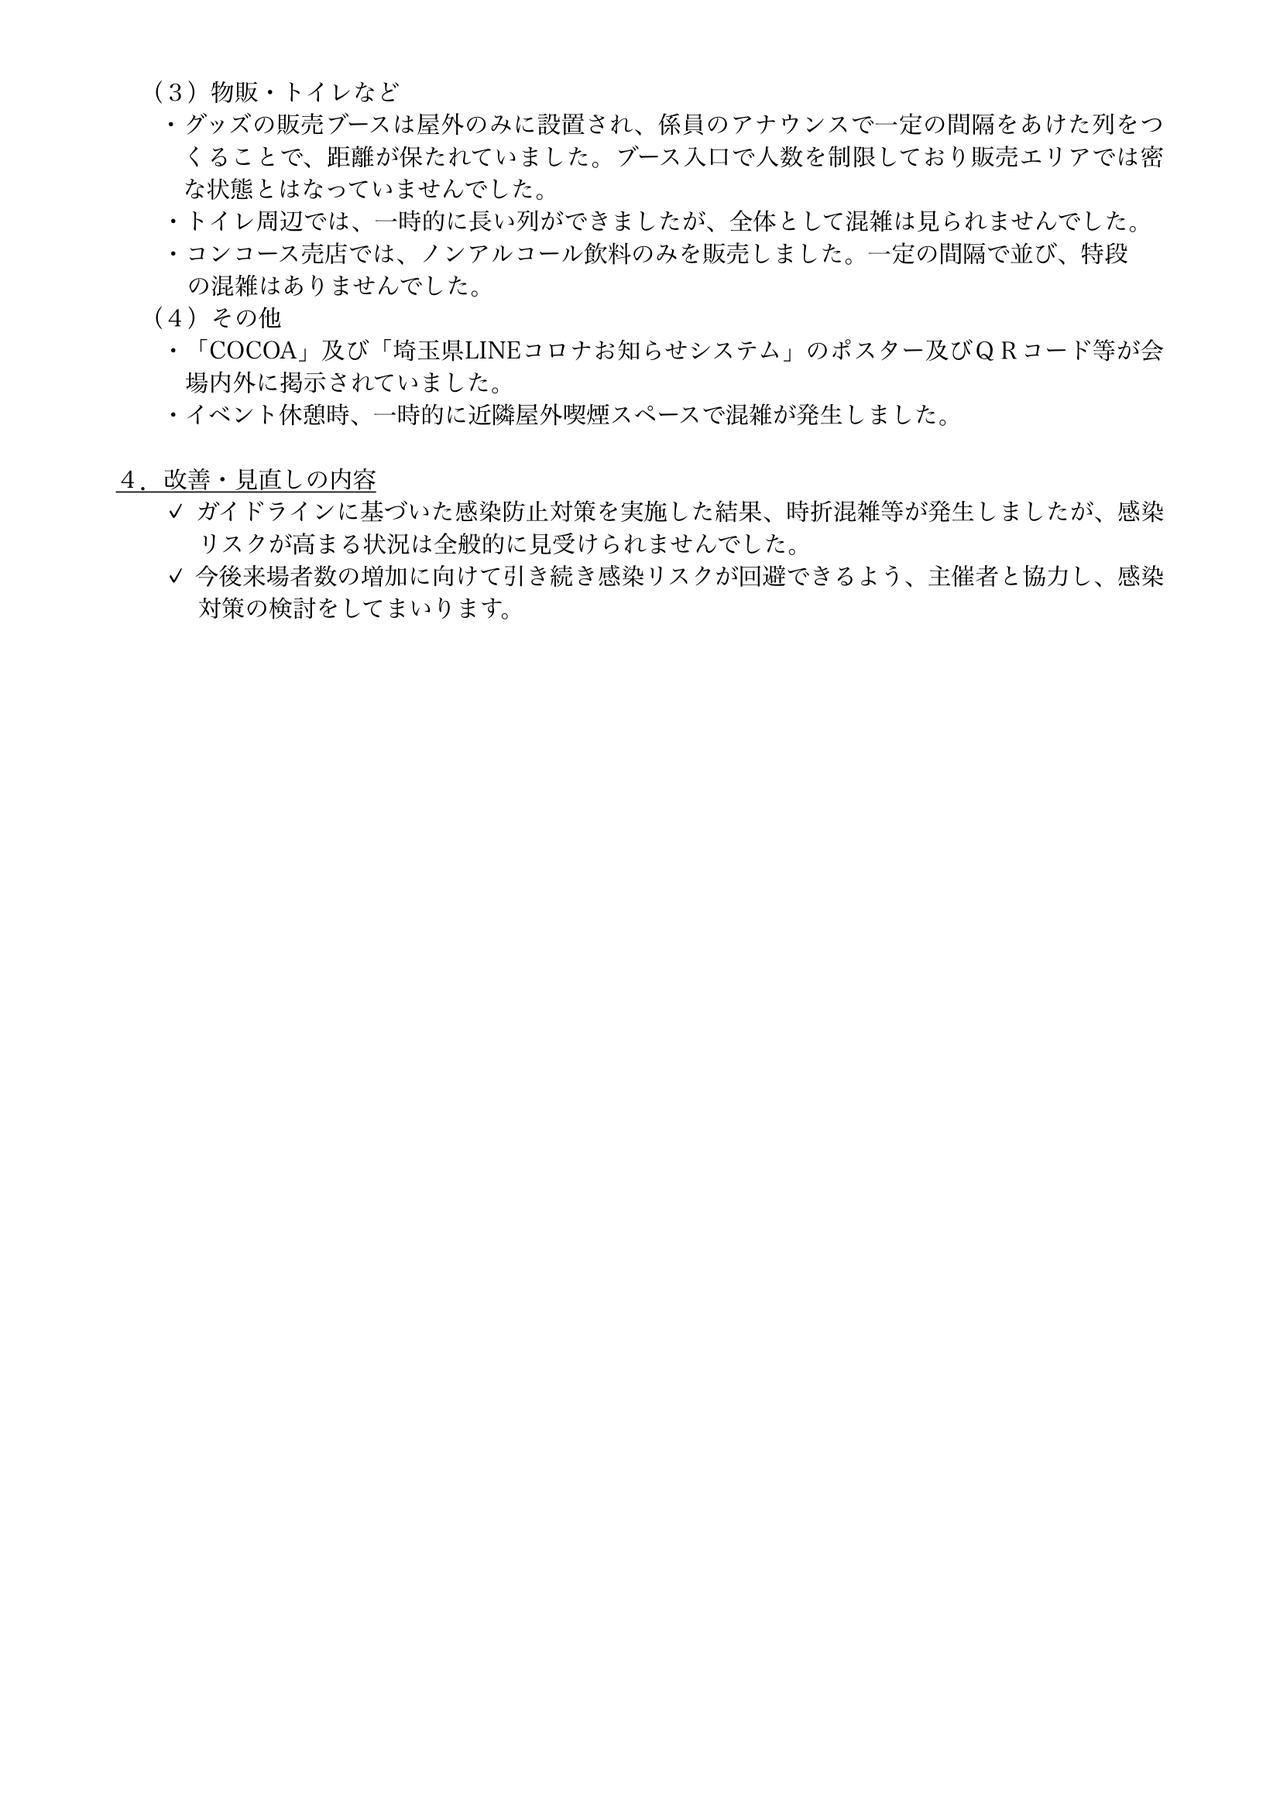 画像2: www.saitama-arena.co.jp